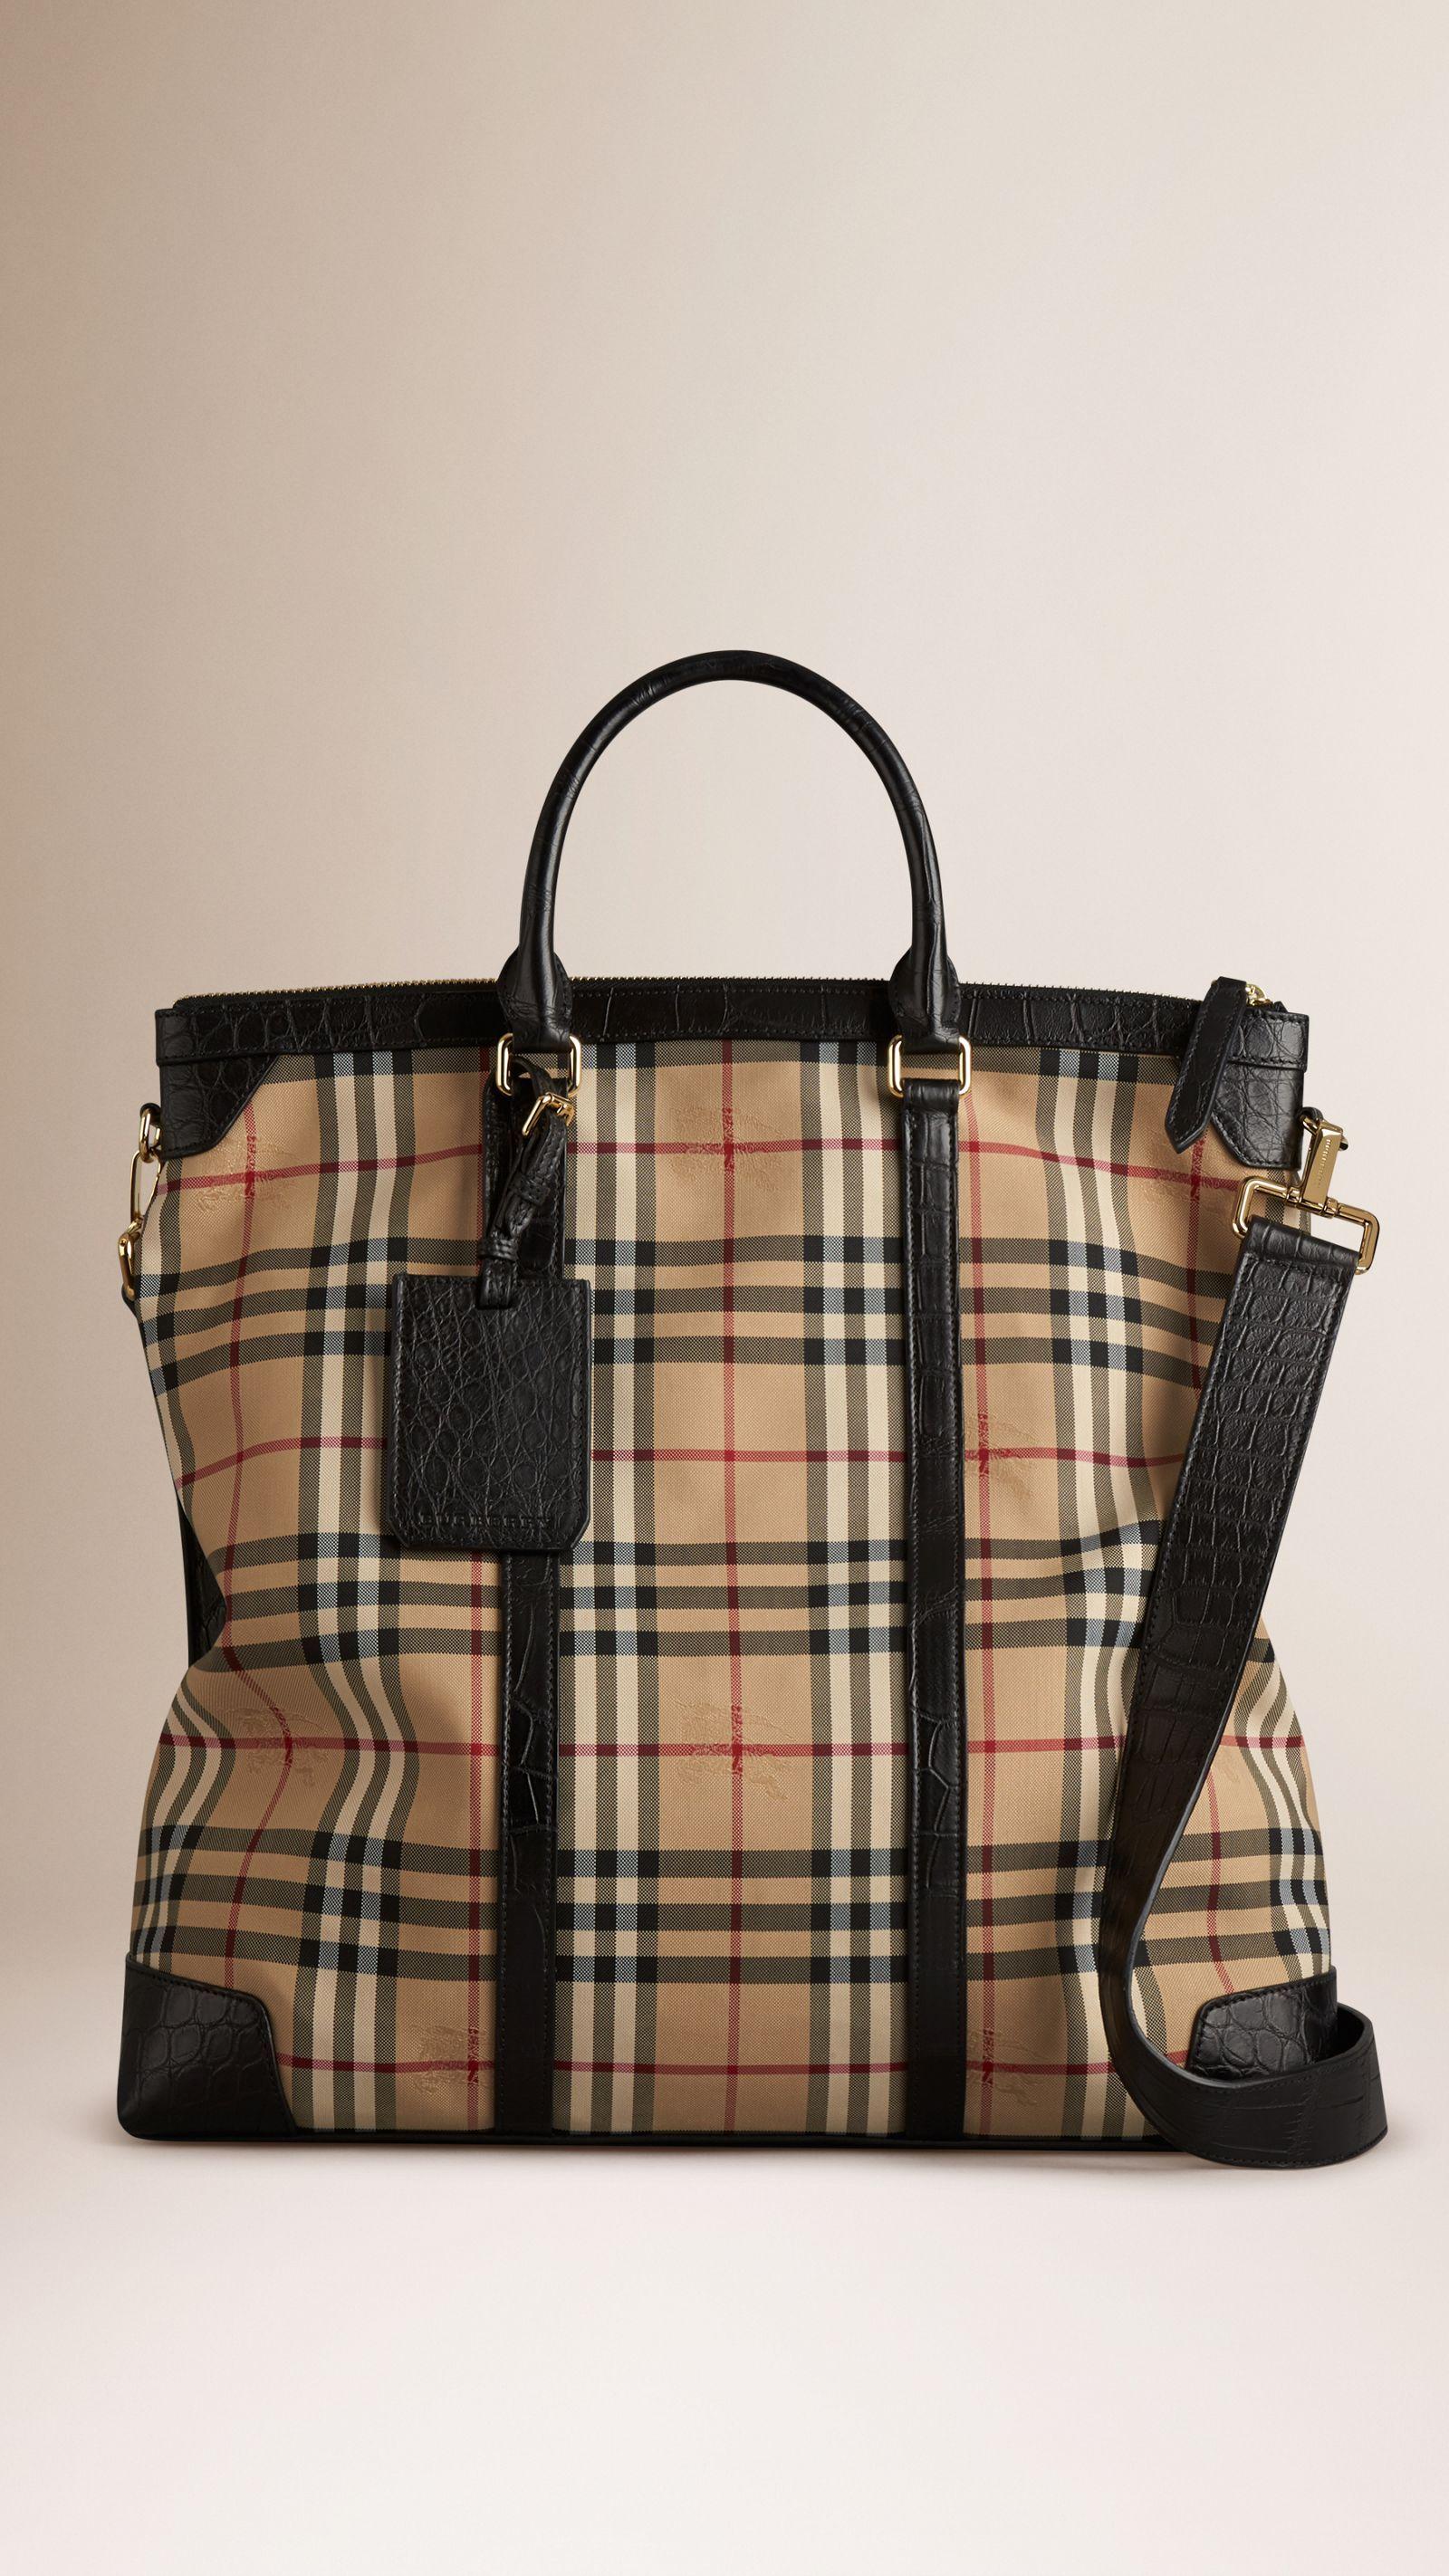 Burberry Tote Bag Borse Da Uomo 638b56ea33a